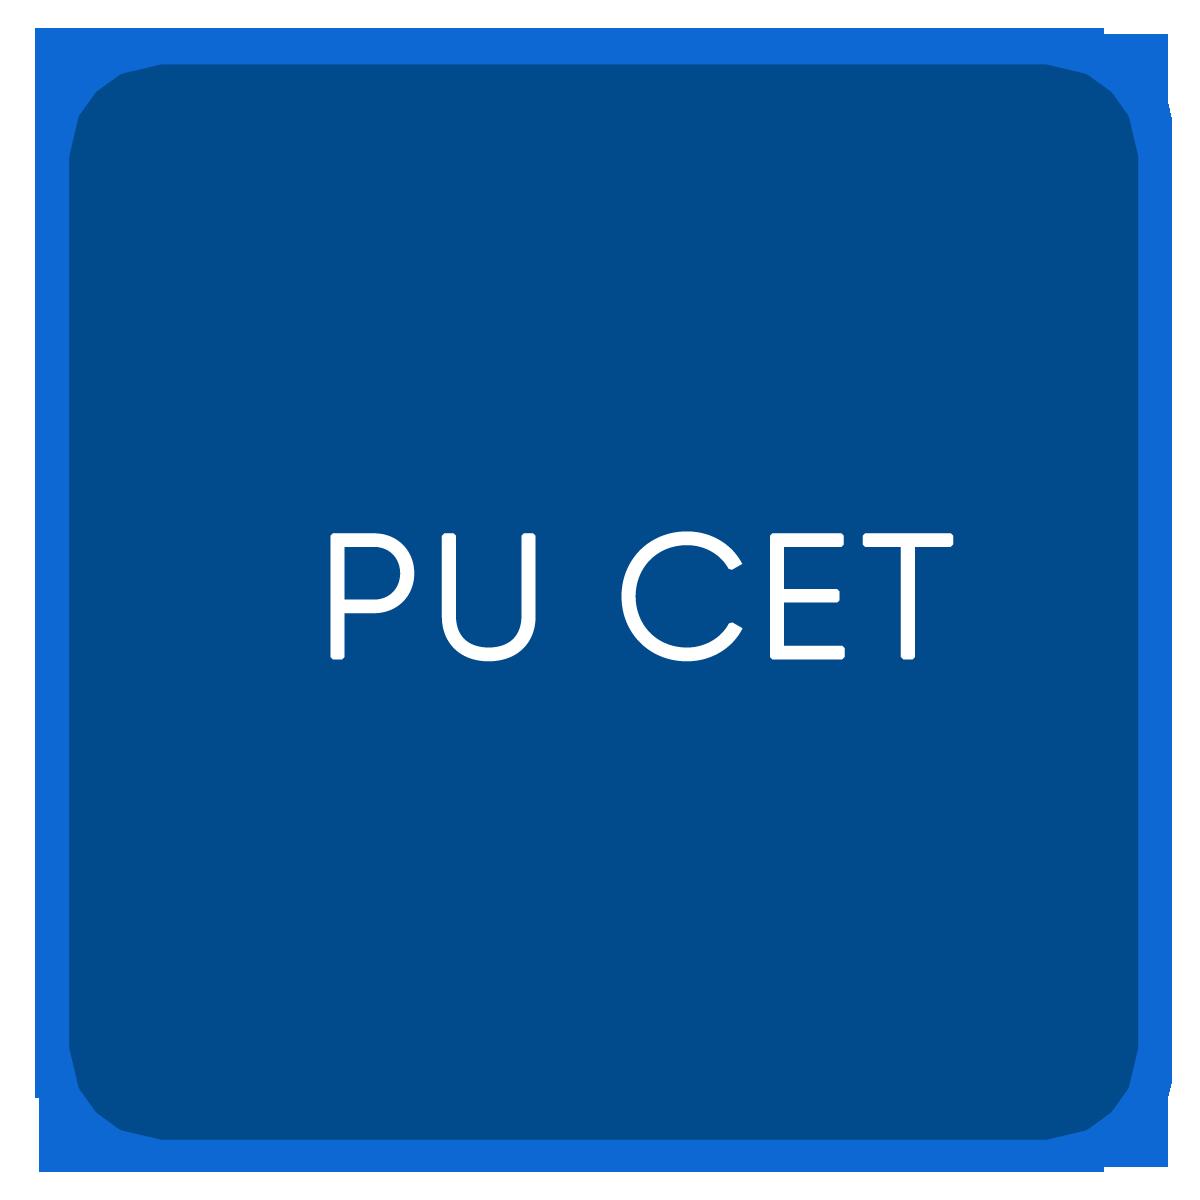 PU CET